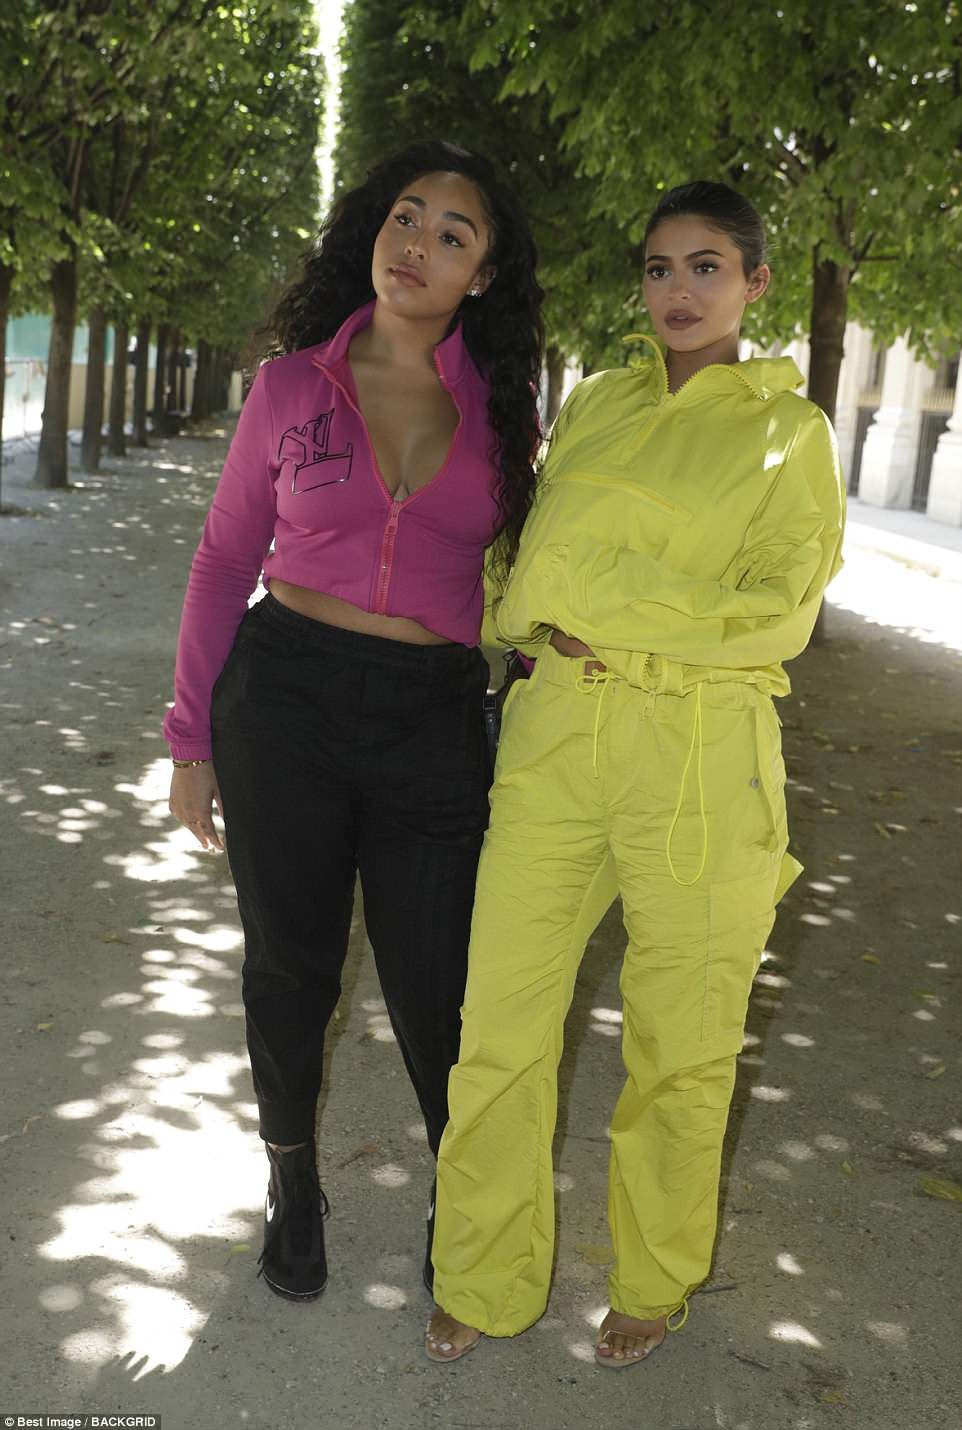 É moda: Kylie mostrou seu senso eclético de estilo em um macacão amarelo brilhante quando chegou ao show com sua melhor amiga Jordyn Woods